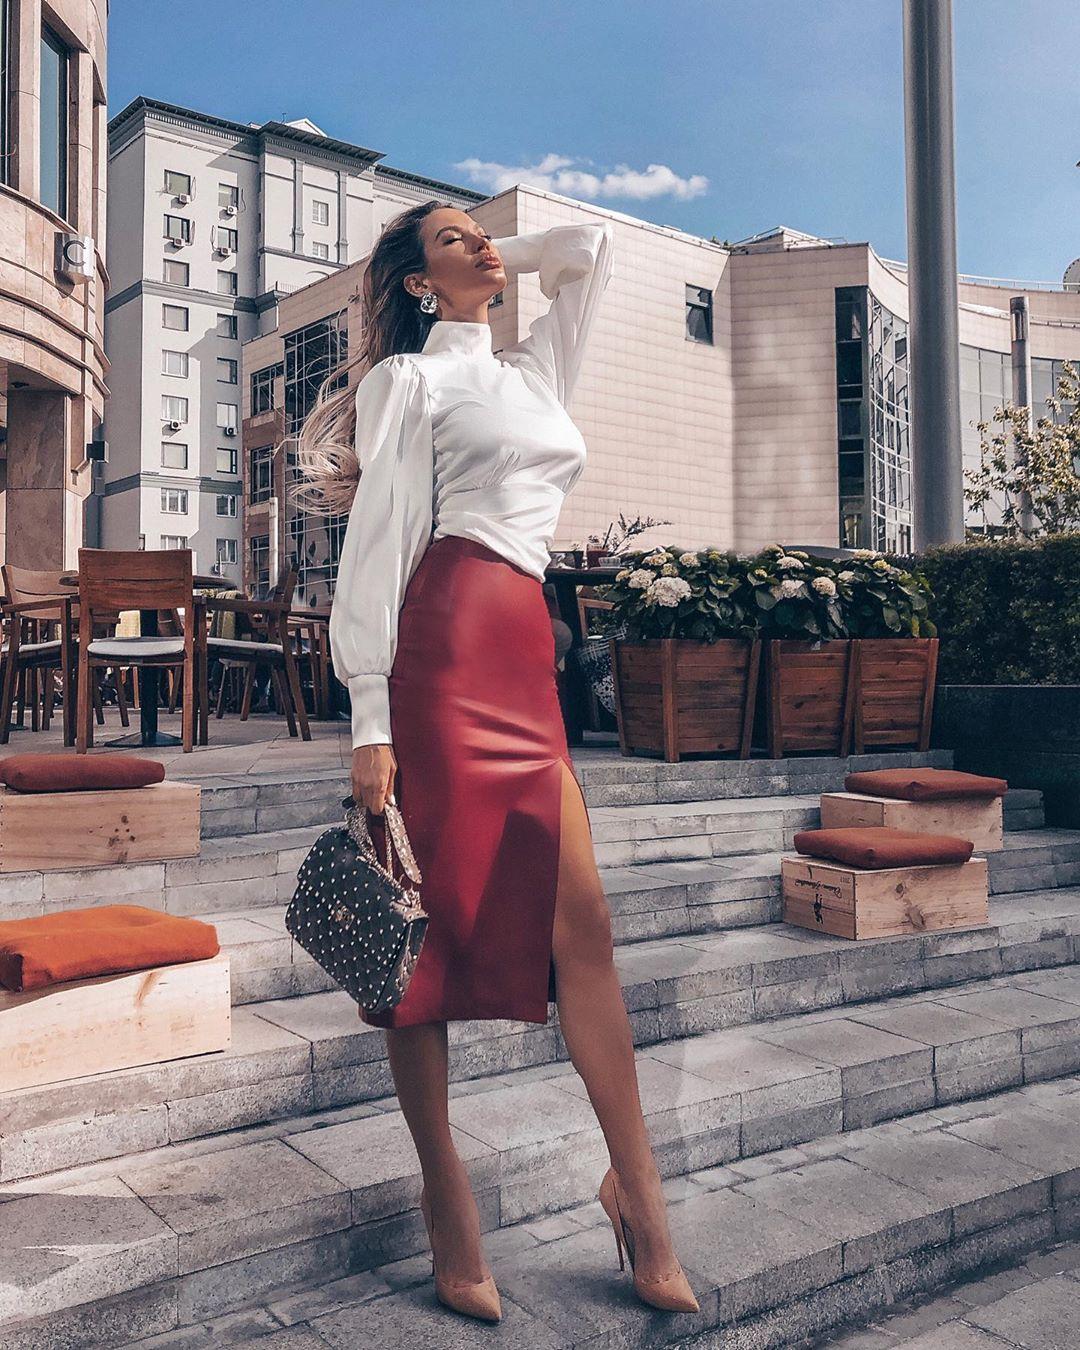 модный летние образы для деловых женщин фото 1